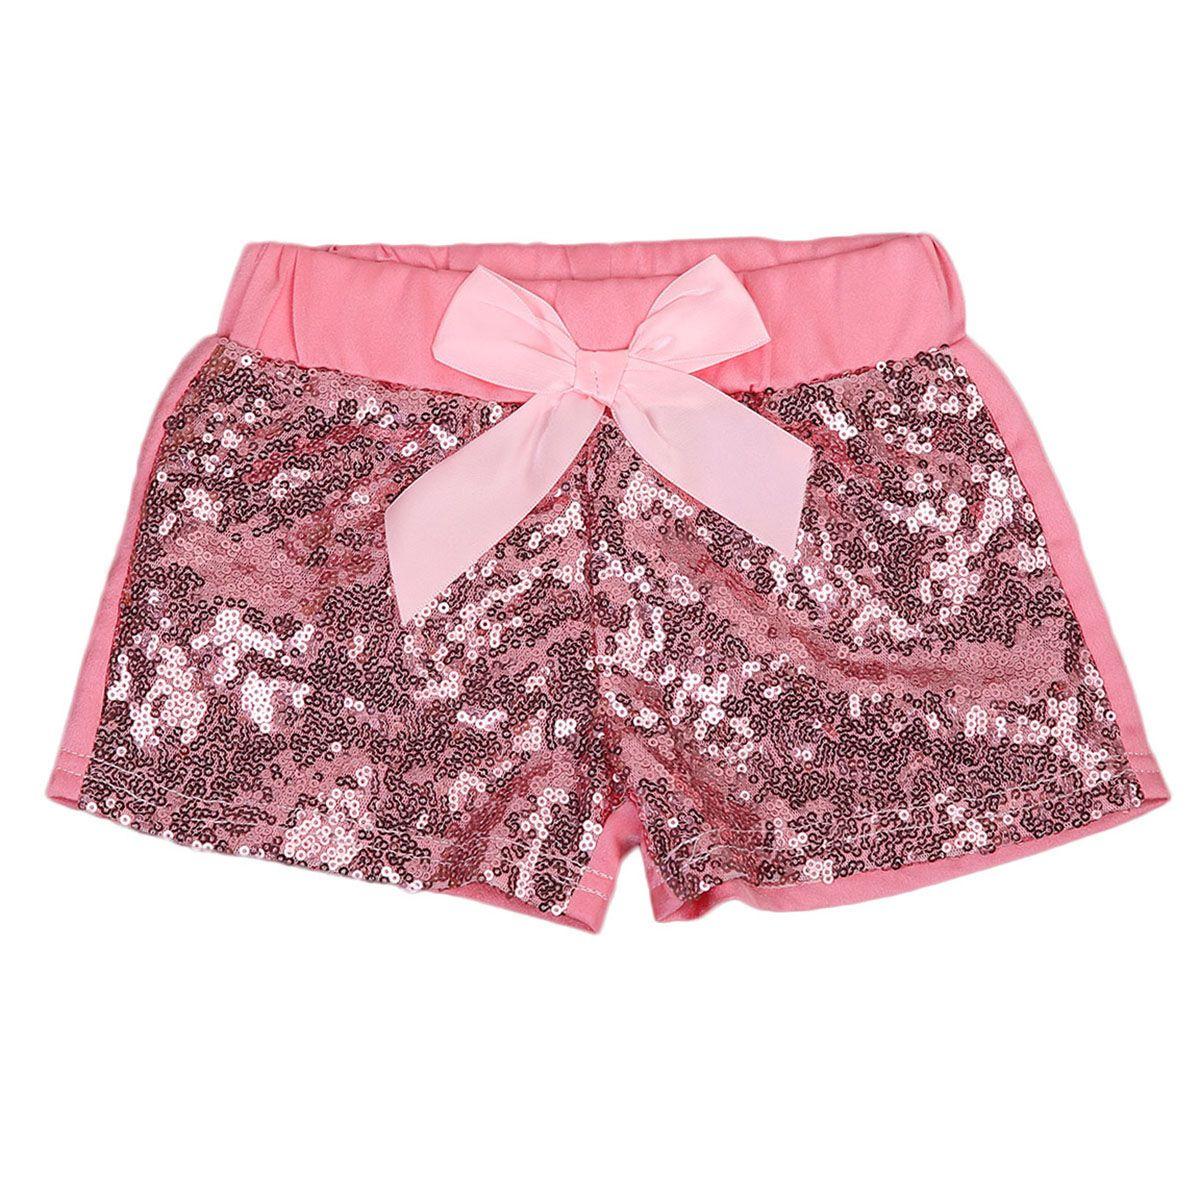 Baby Shorts  Girl Shorts  pink Shorts  Ready to Ship